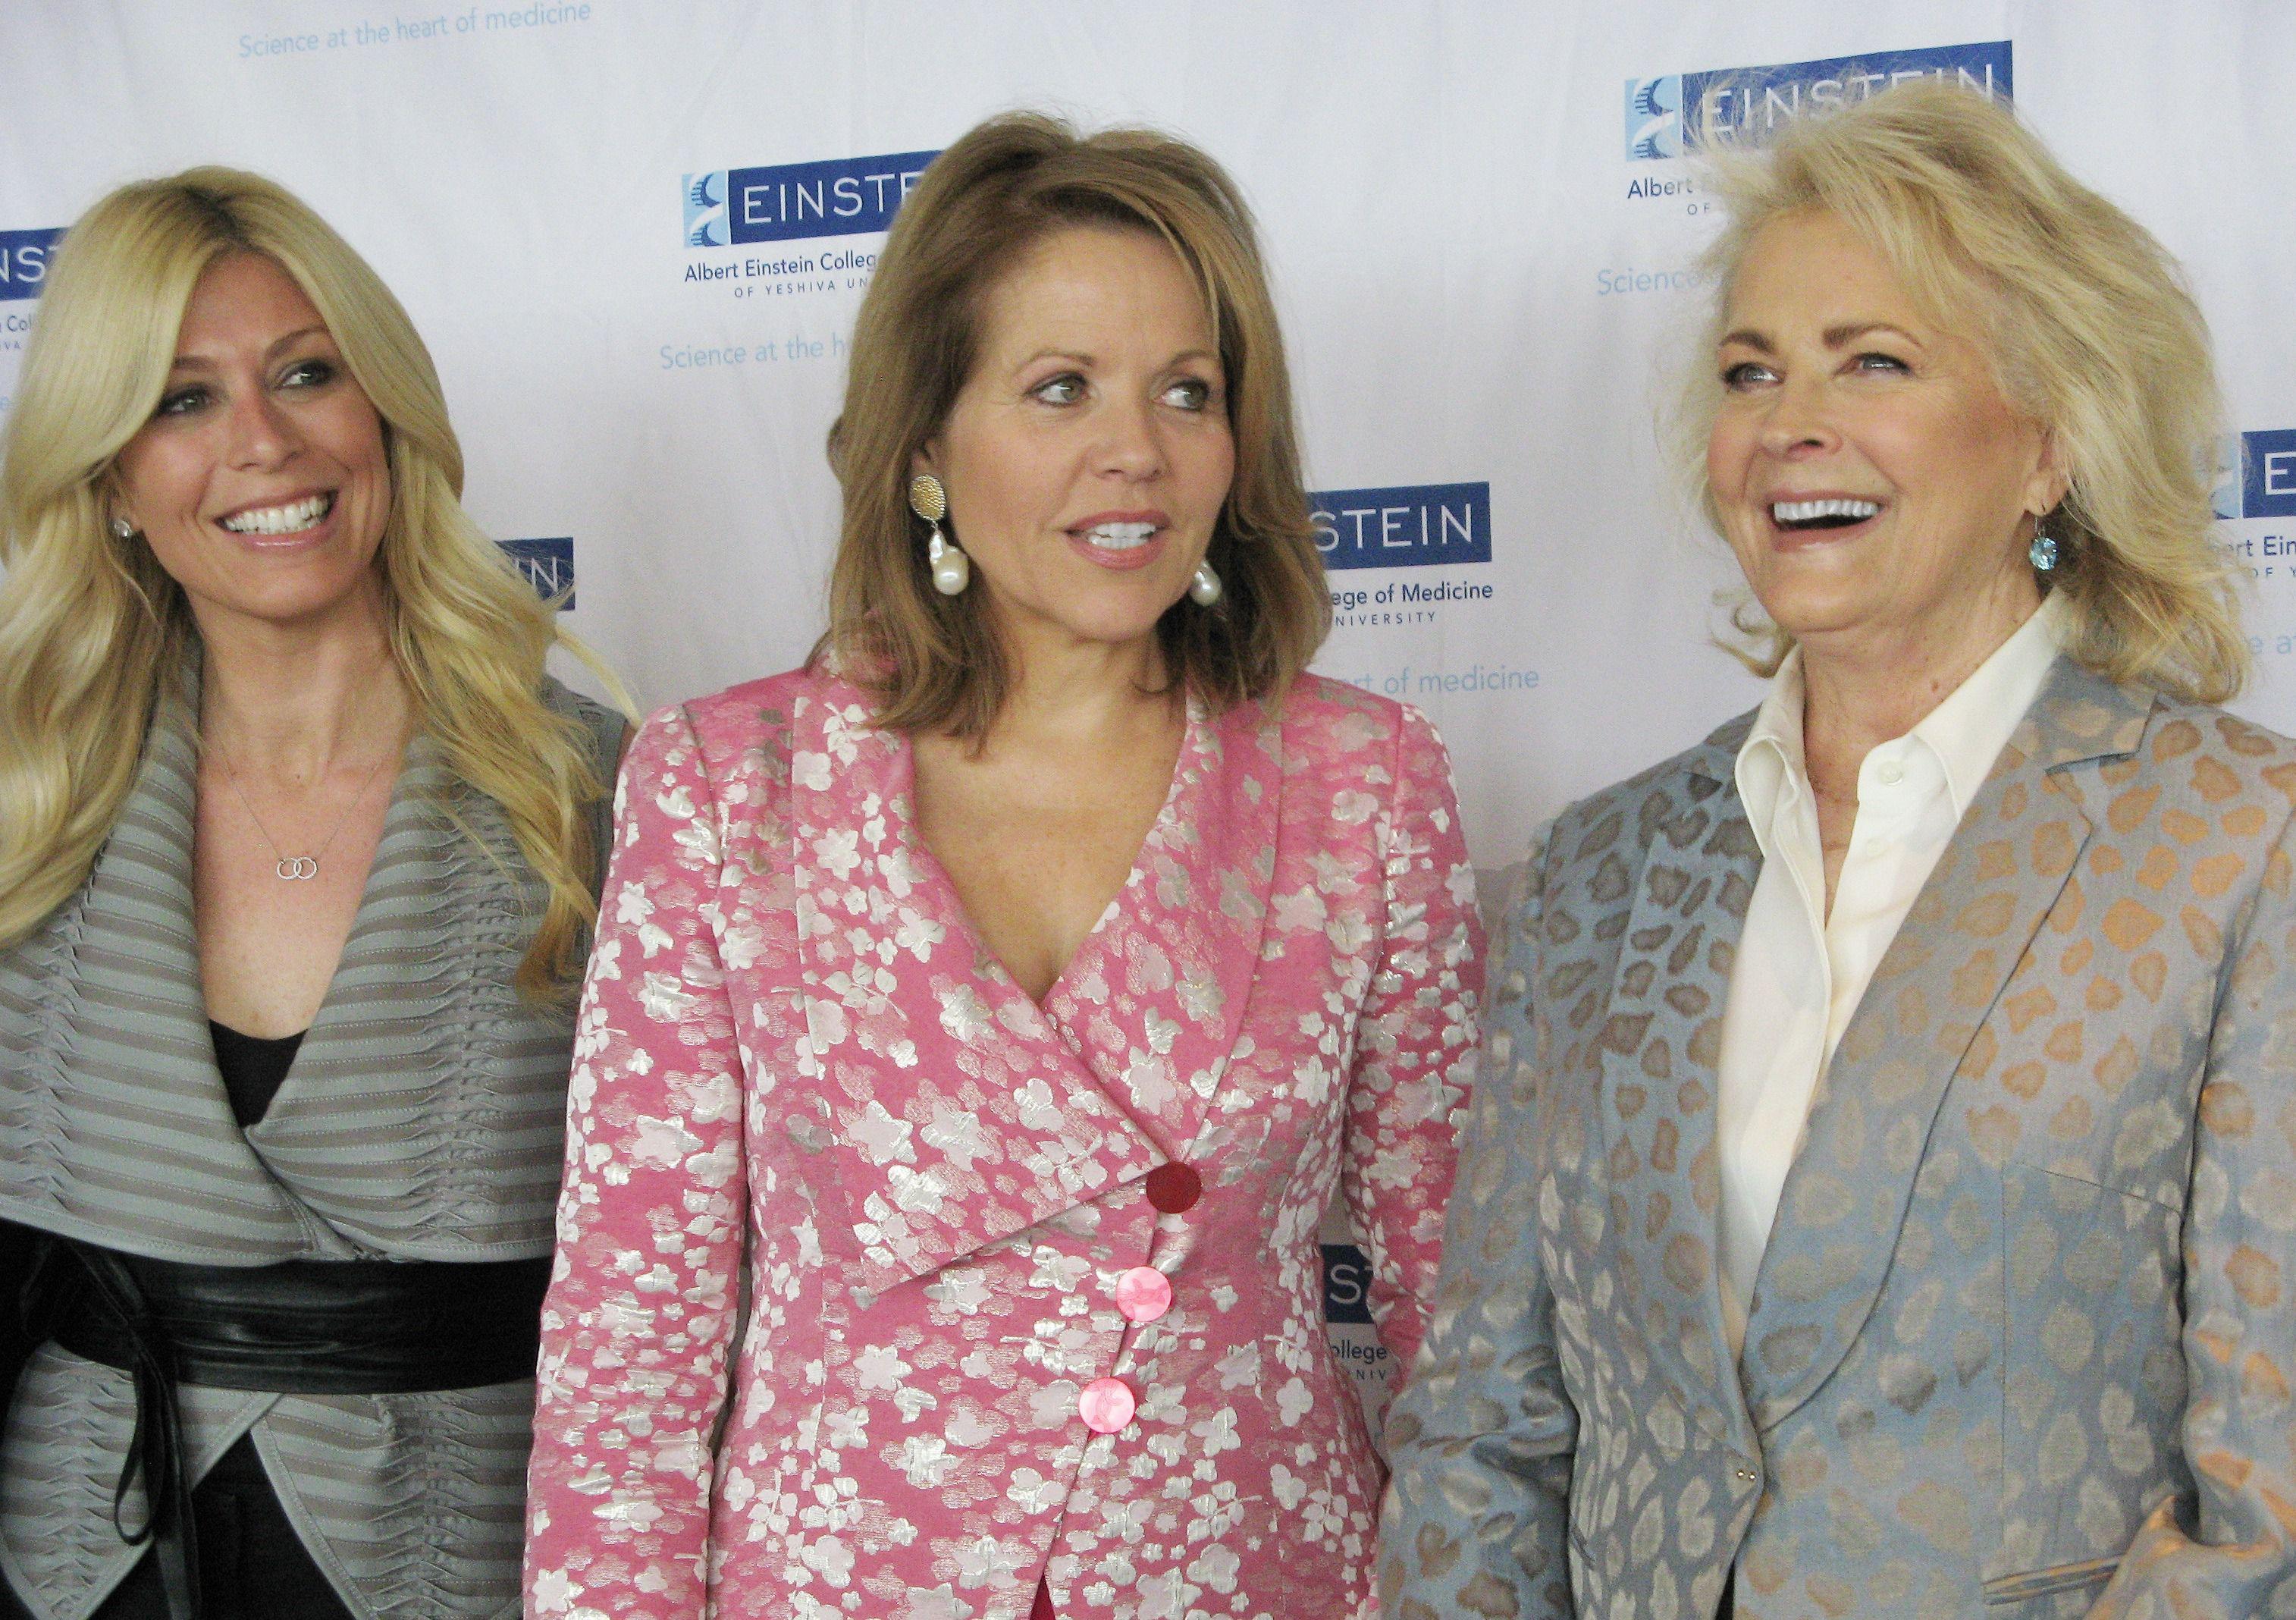 Jill Martin, Renee Fleming and Candice Bergen.